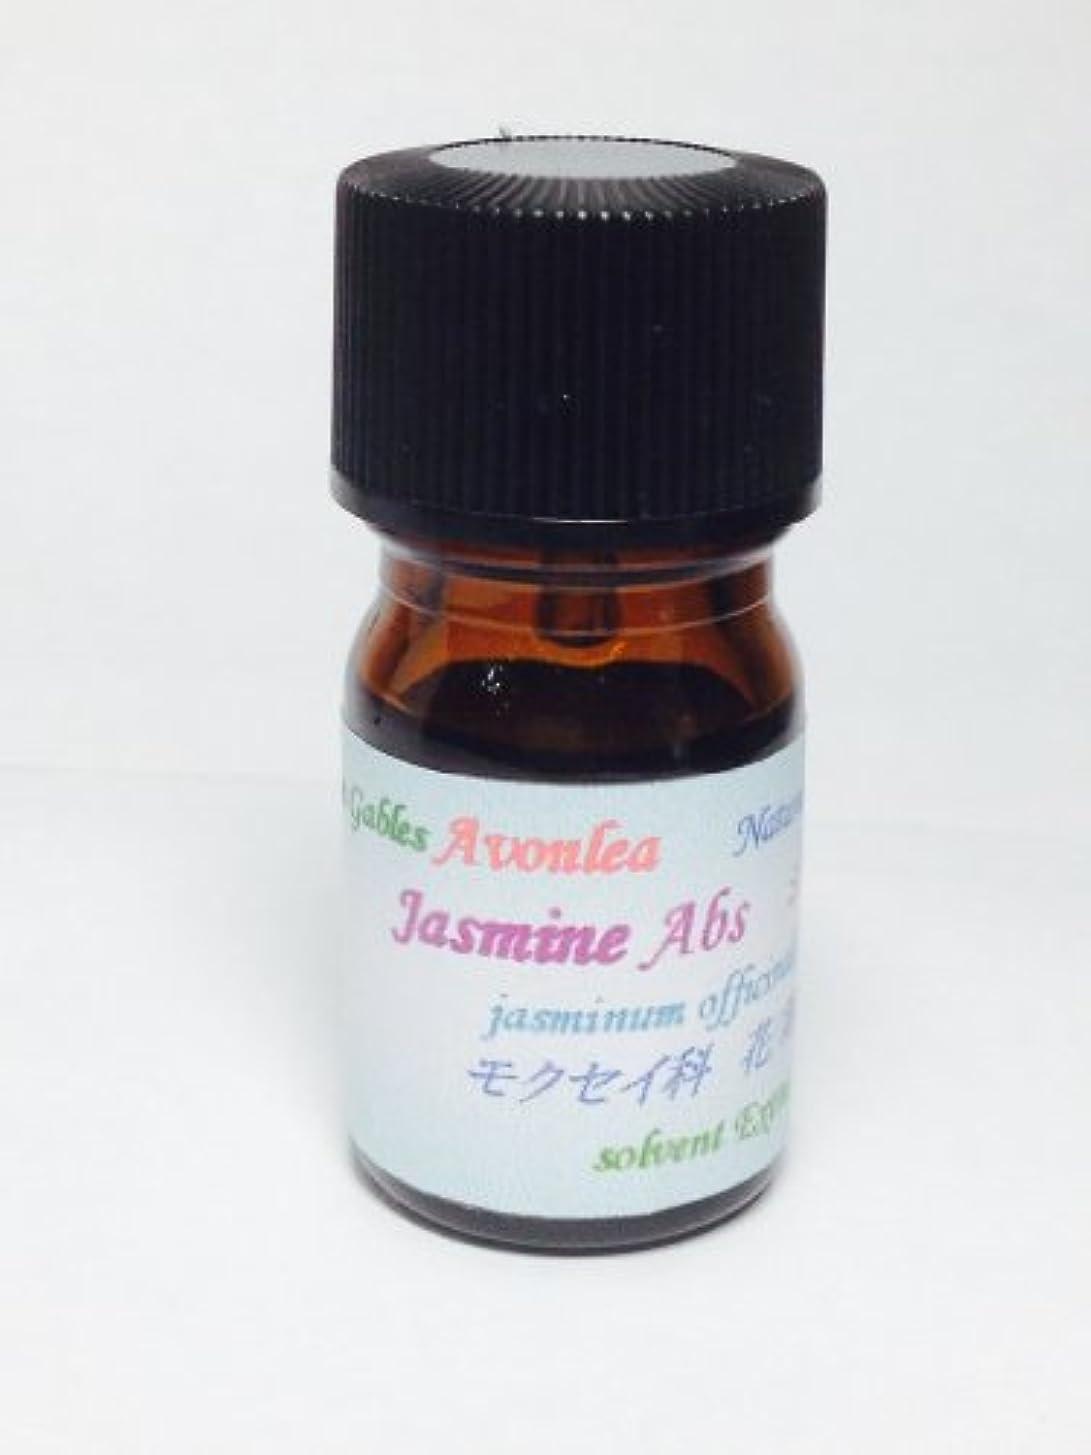 石灰岩梨アスリートジャスミン Abs 100% ピュア エッセンシャルオイル 花の精油 10ml